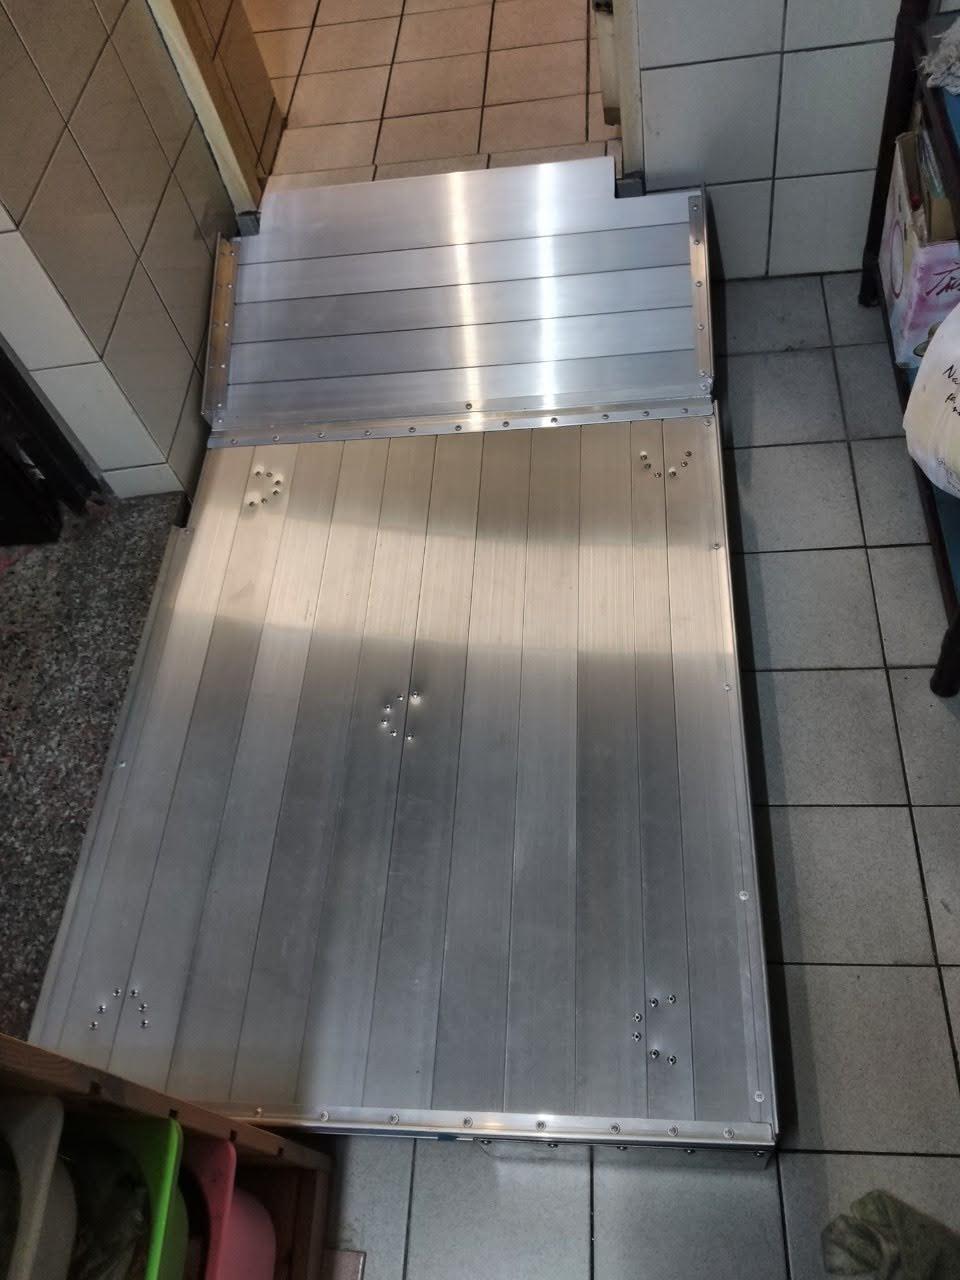 鋁合金平台連接可掀折的浴室門檻斜坡板做成一體式